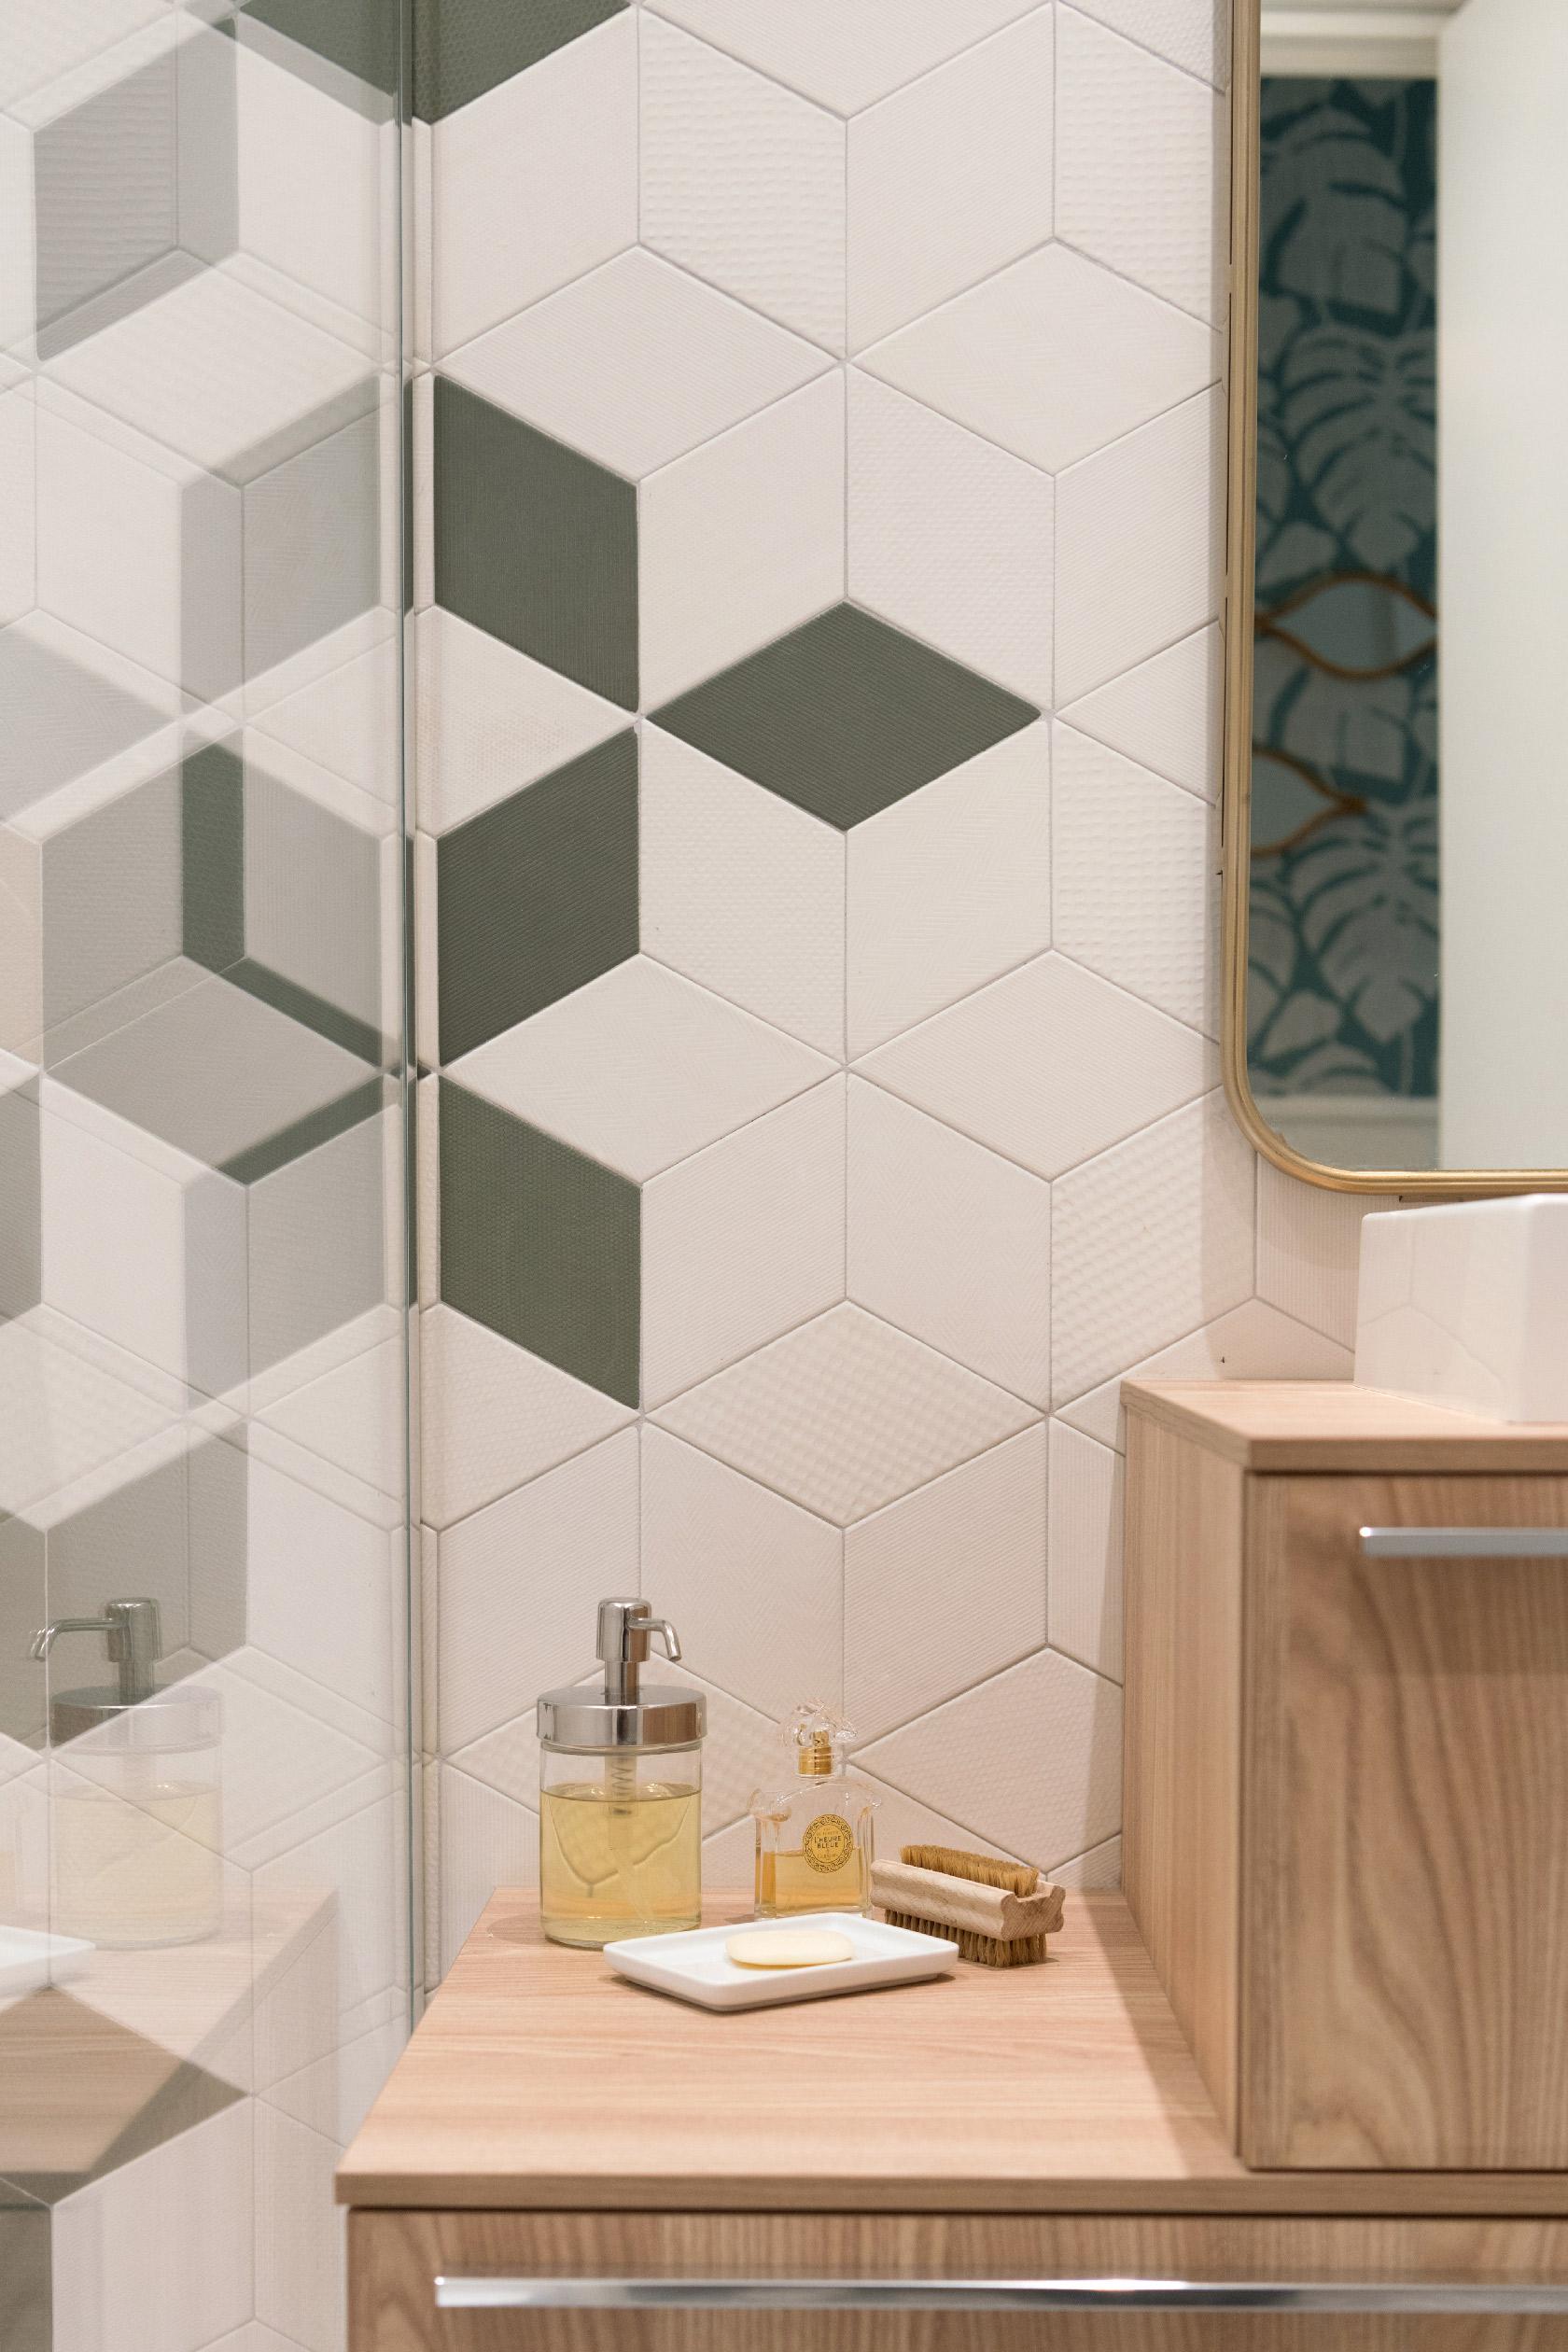 Les losanges du carrelage Mutina Tex se décline dans des teintes de vert, blanc et beige. La douche est séparée par un part douche épuré. La vasque comprend deux meubles posés en quinconce avec une vasque à poser et un miroir en laiton. Une salle de bain aveugle originale et atemporelle.